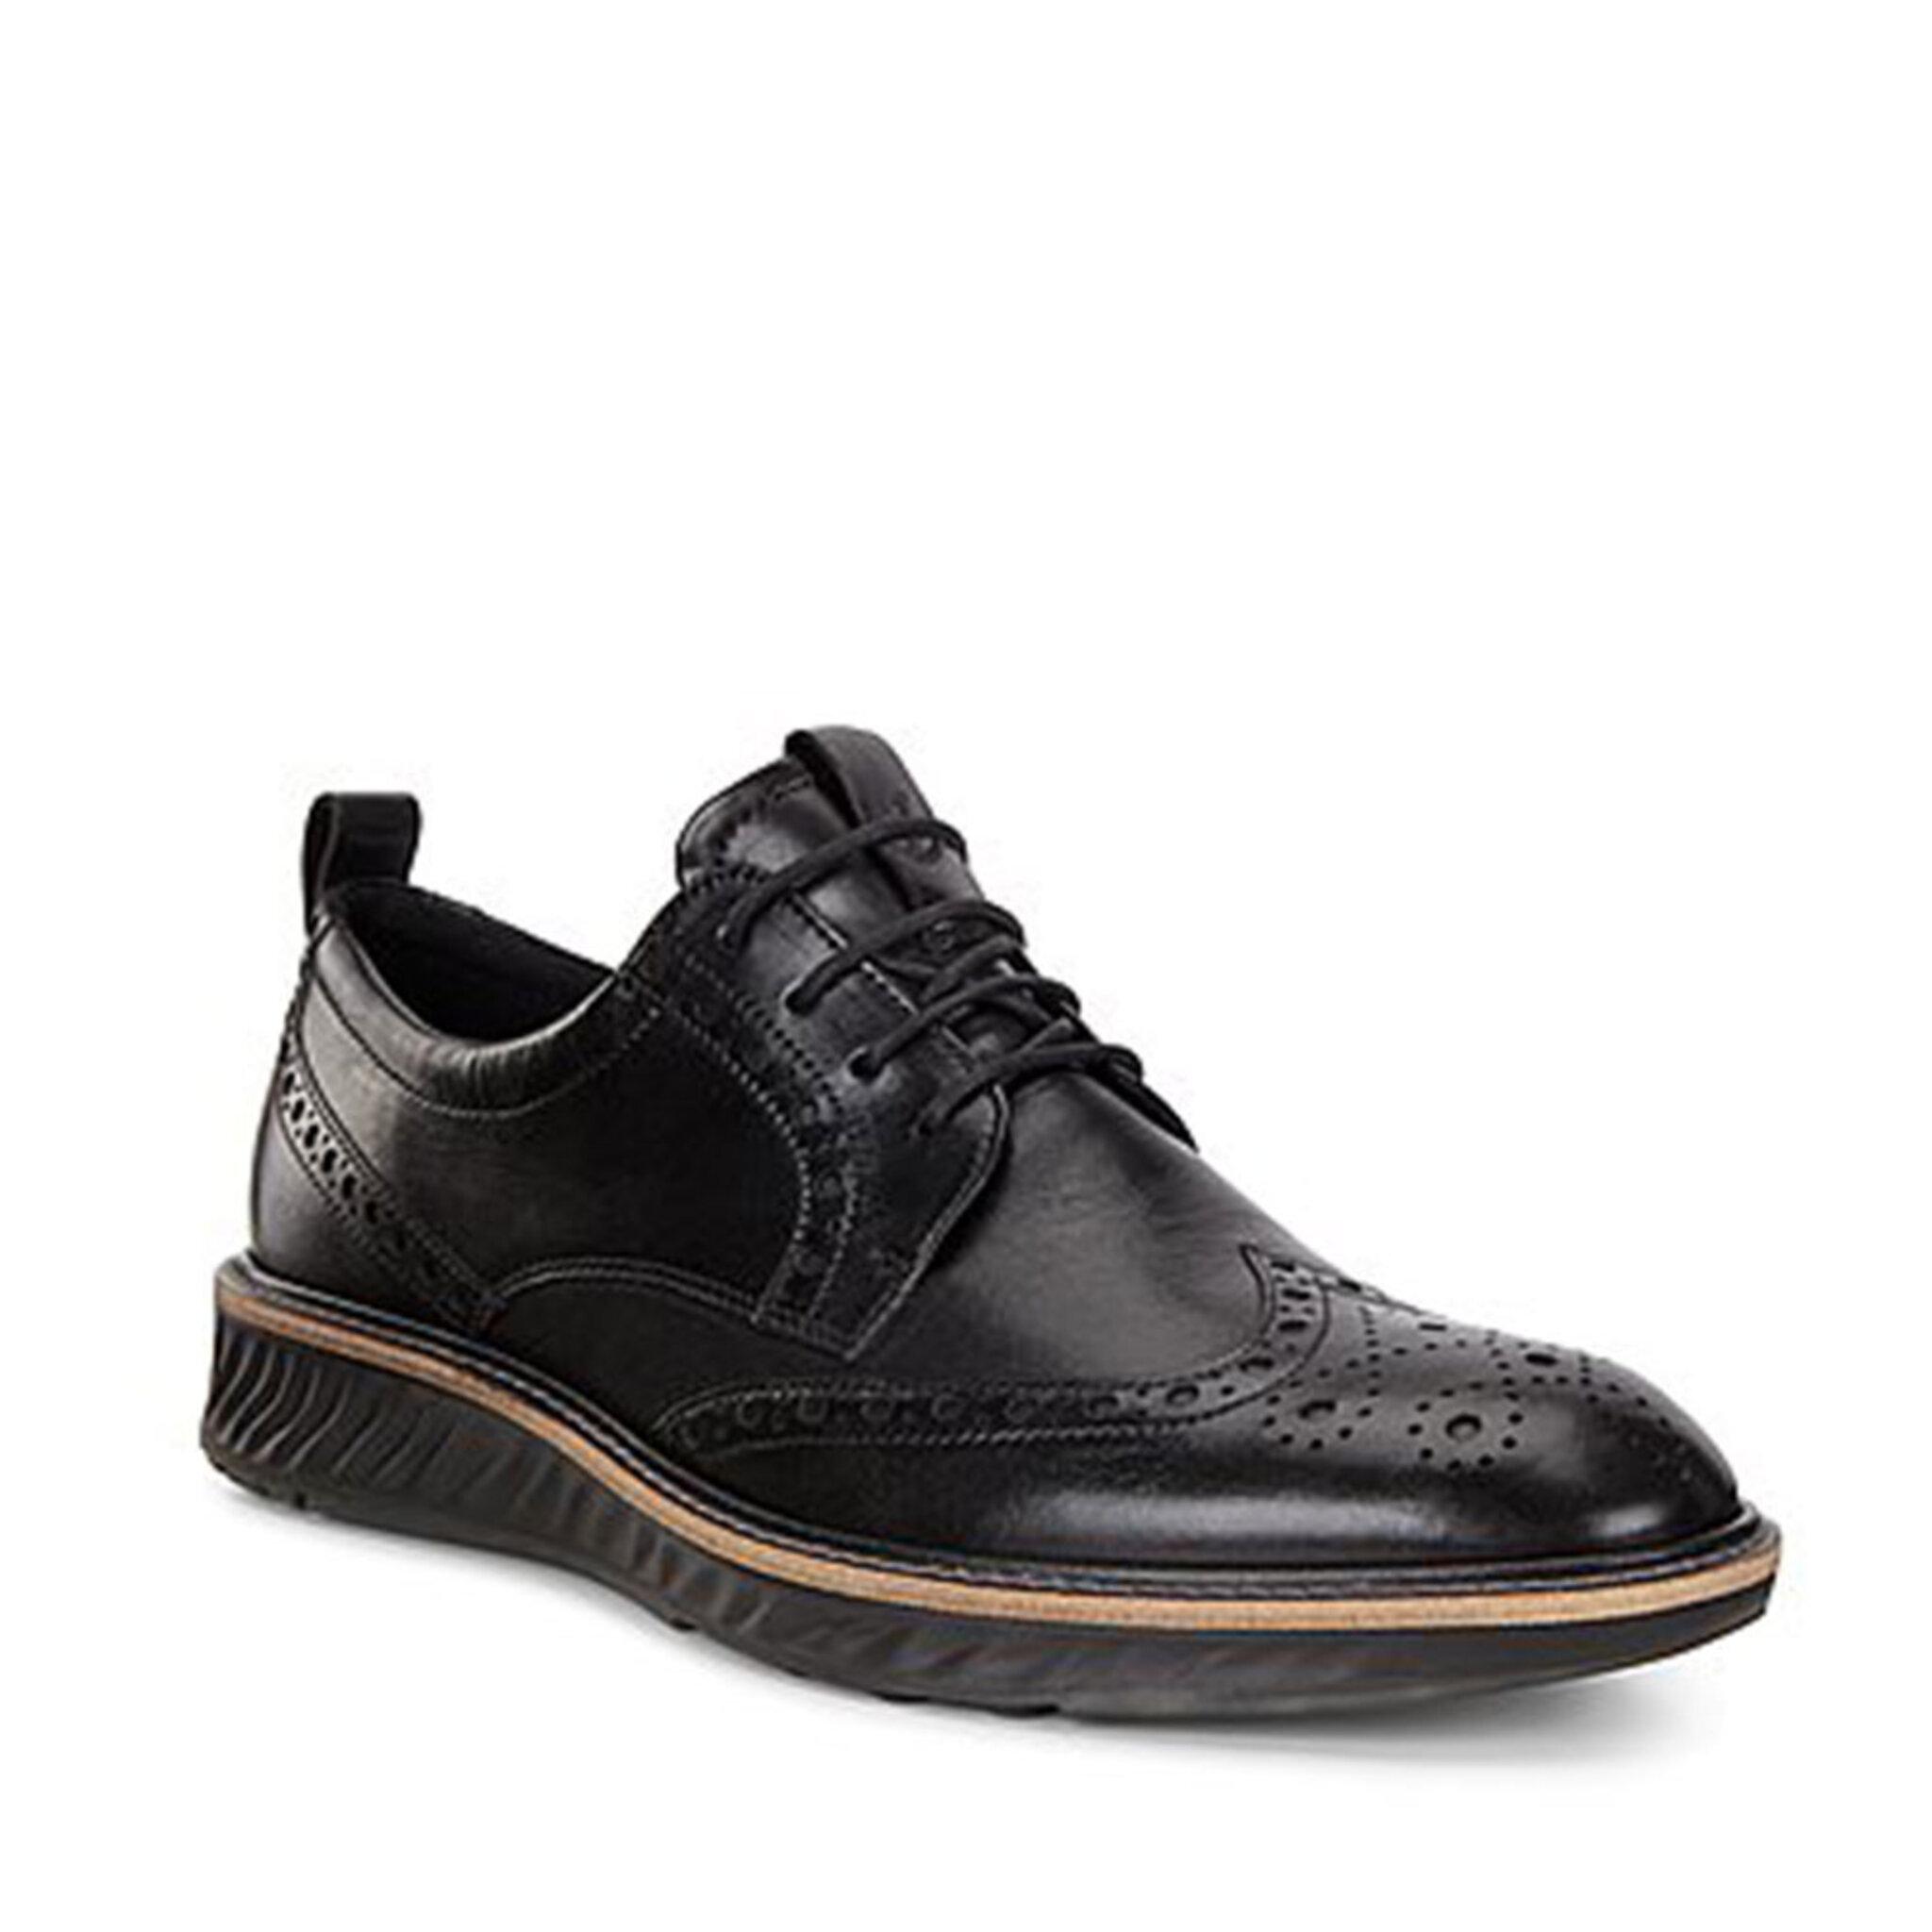 Skor Hybrid Black Santiago Shoes